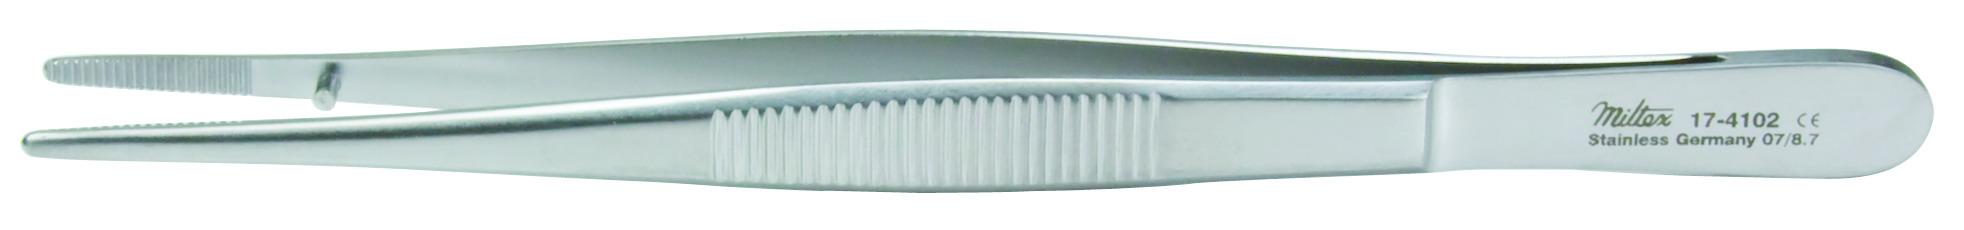 applying-forceps-for-micro-clips-5-1-2-14-cm-17-4102-miltex.jpg